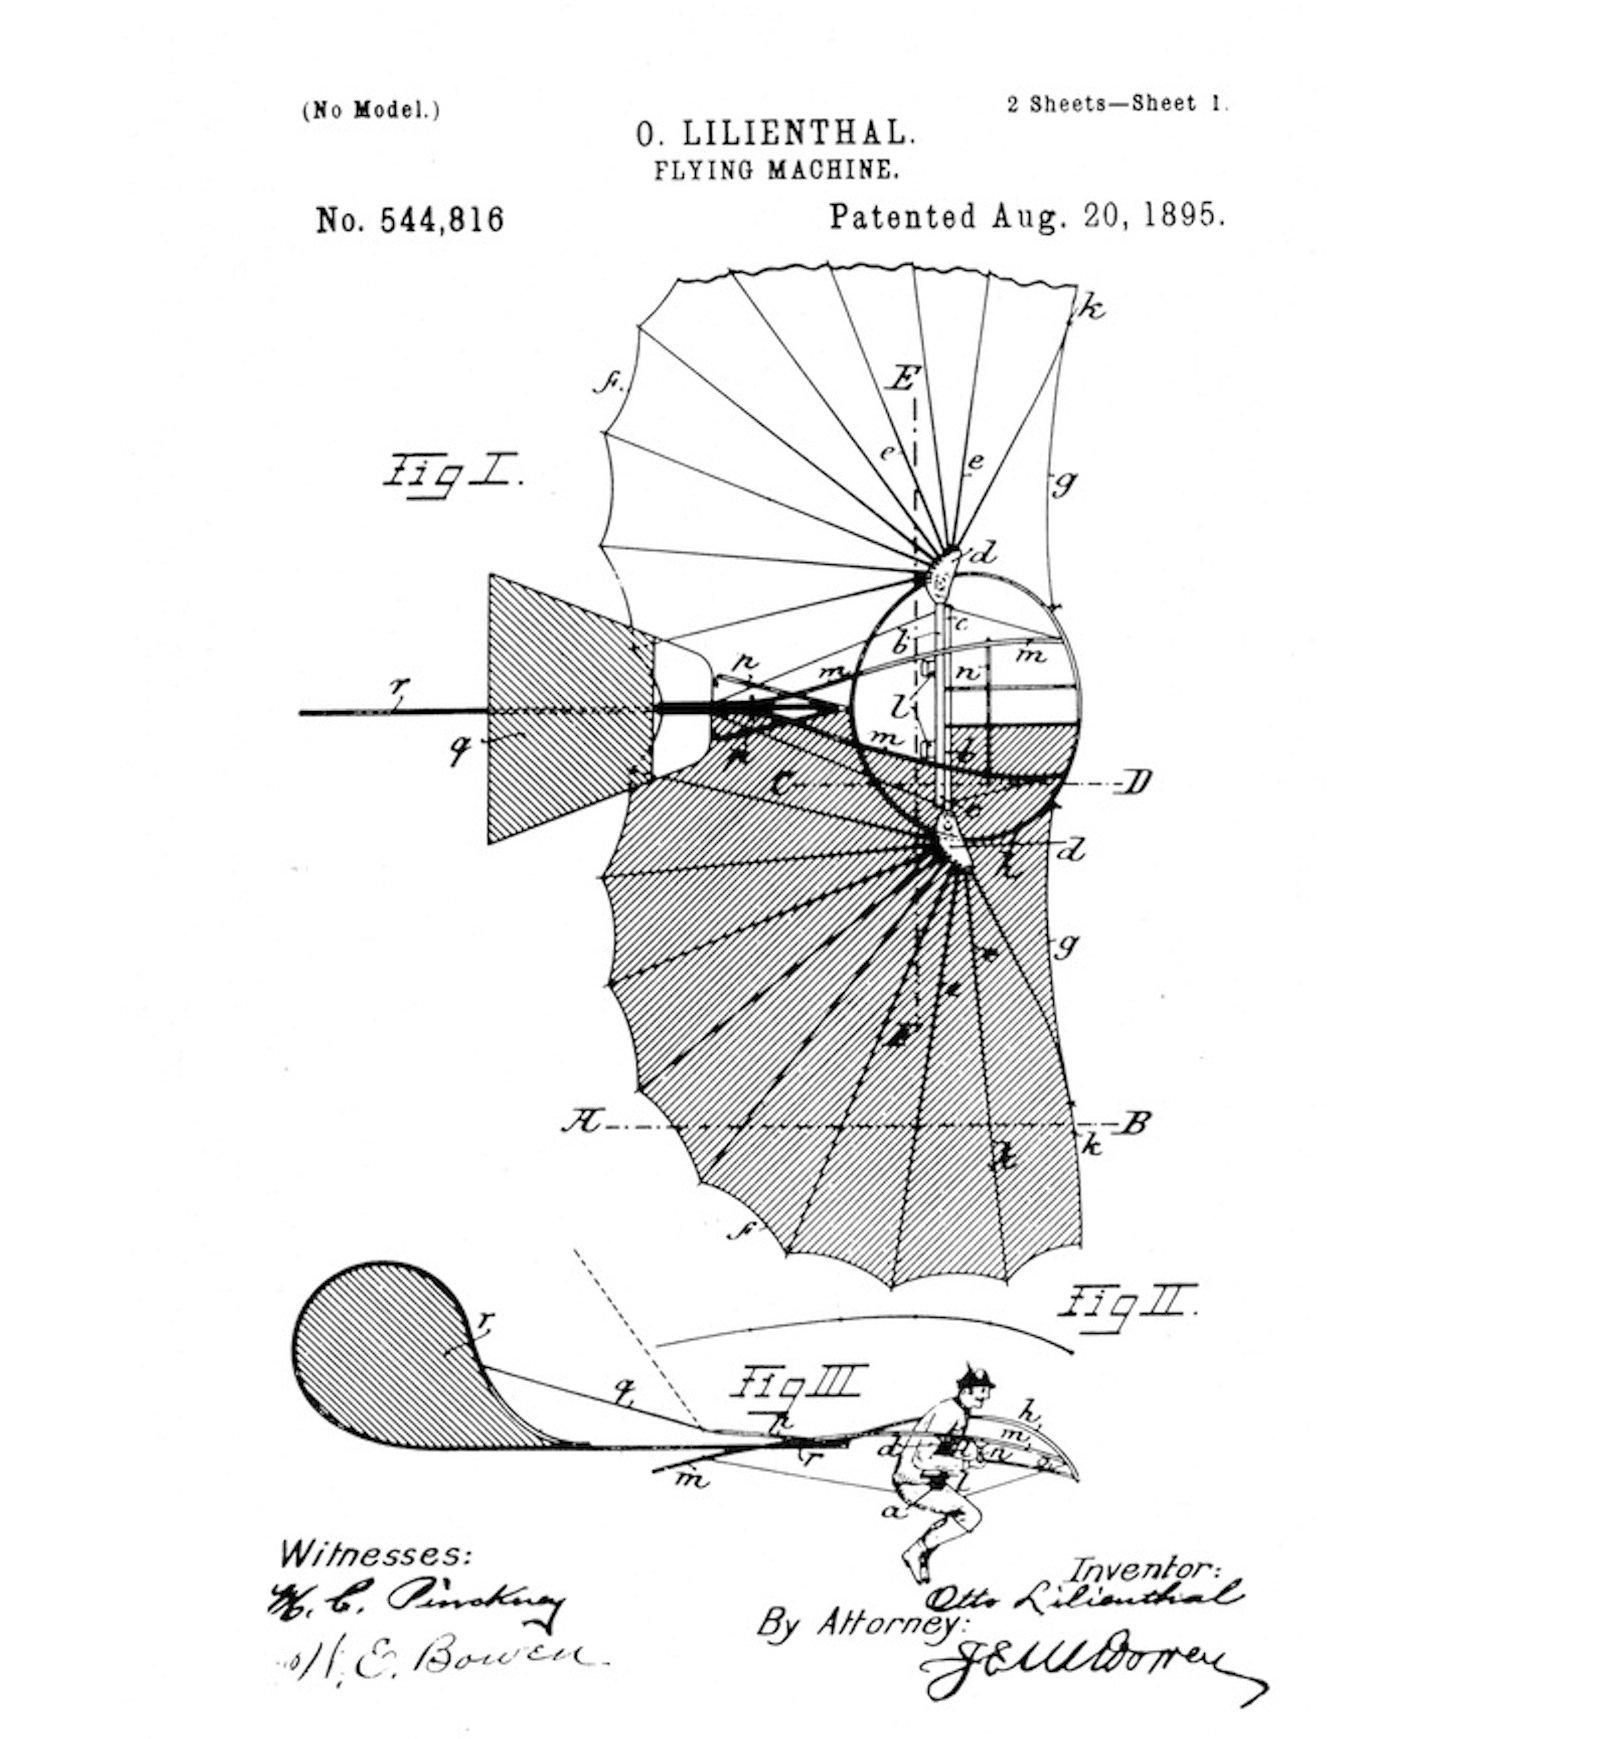 Abbildung aus dem US-Patent Lilienthals für eine